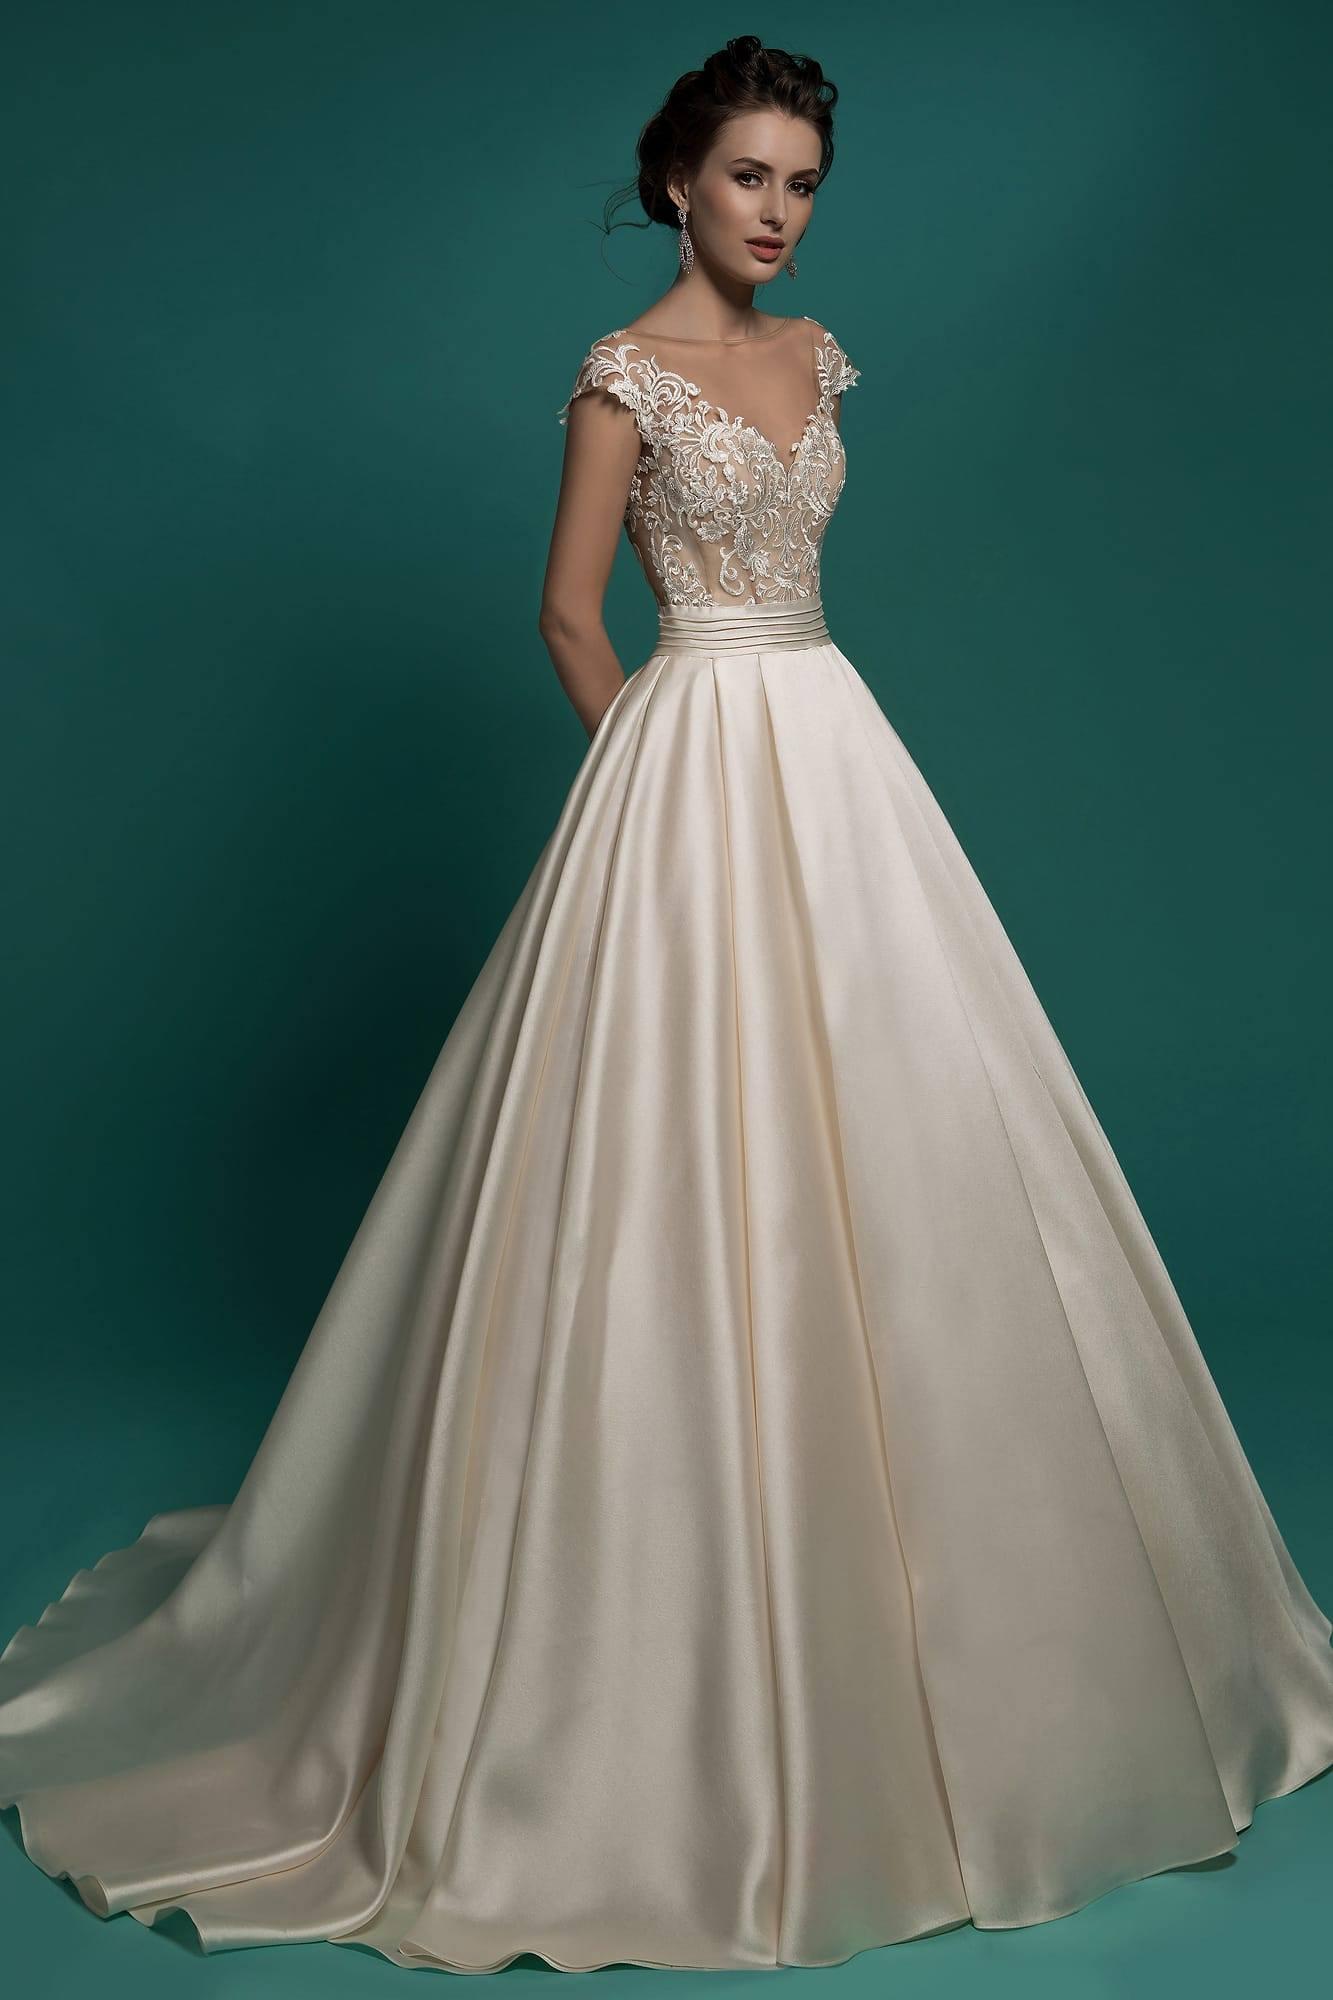 Wedding dress $300, size 6-8